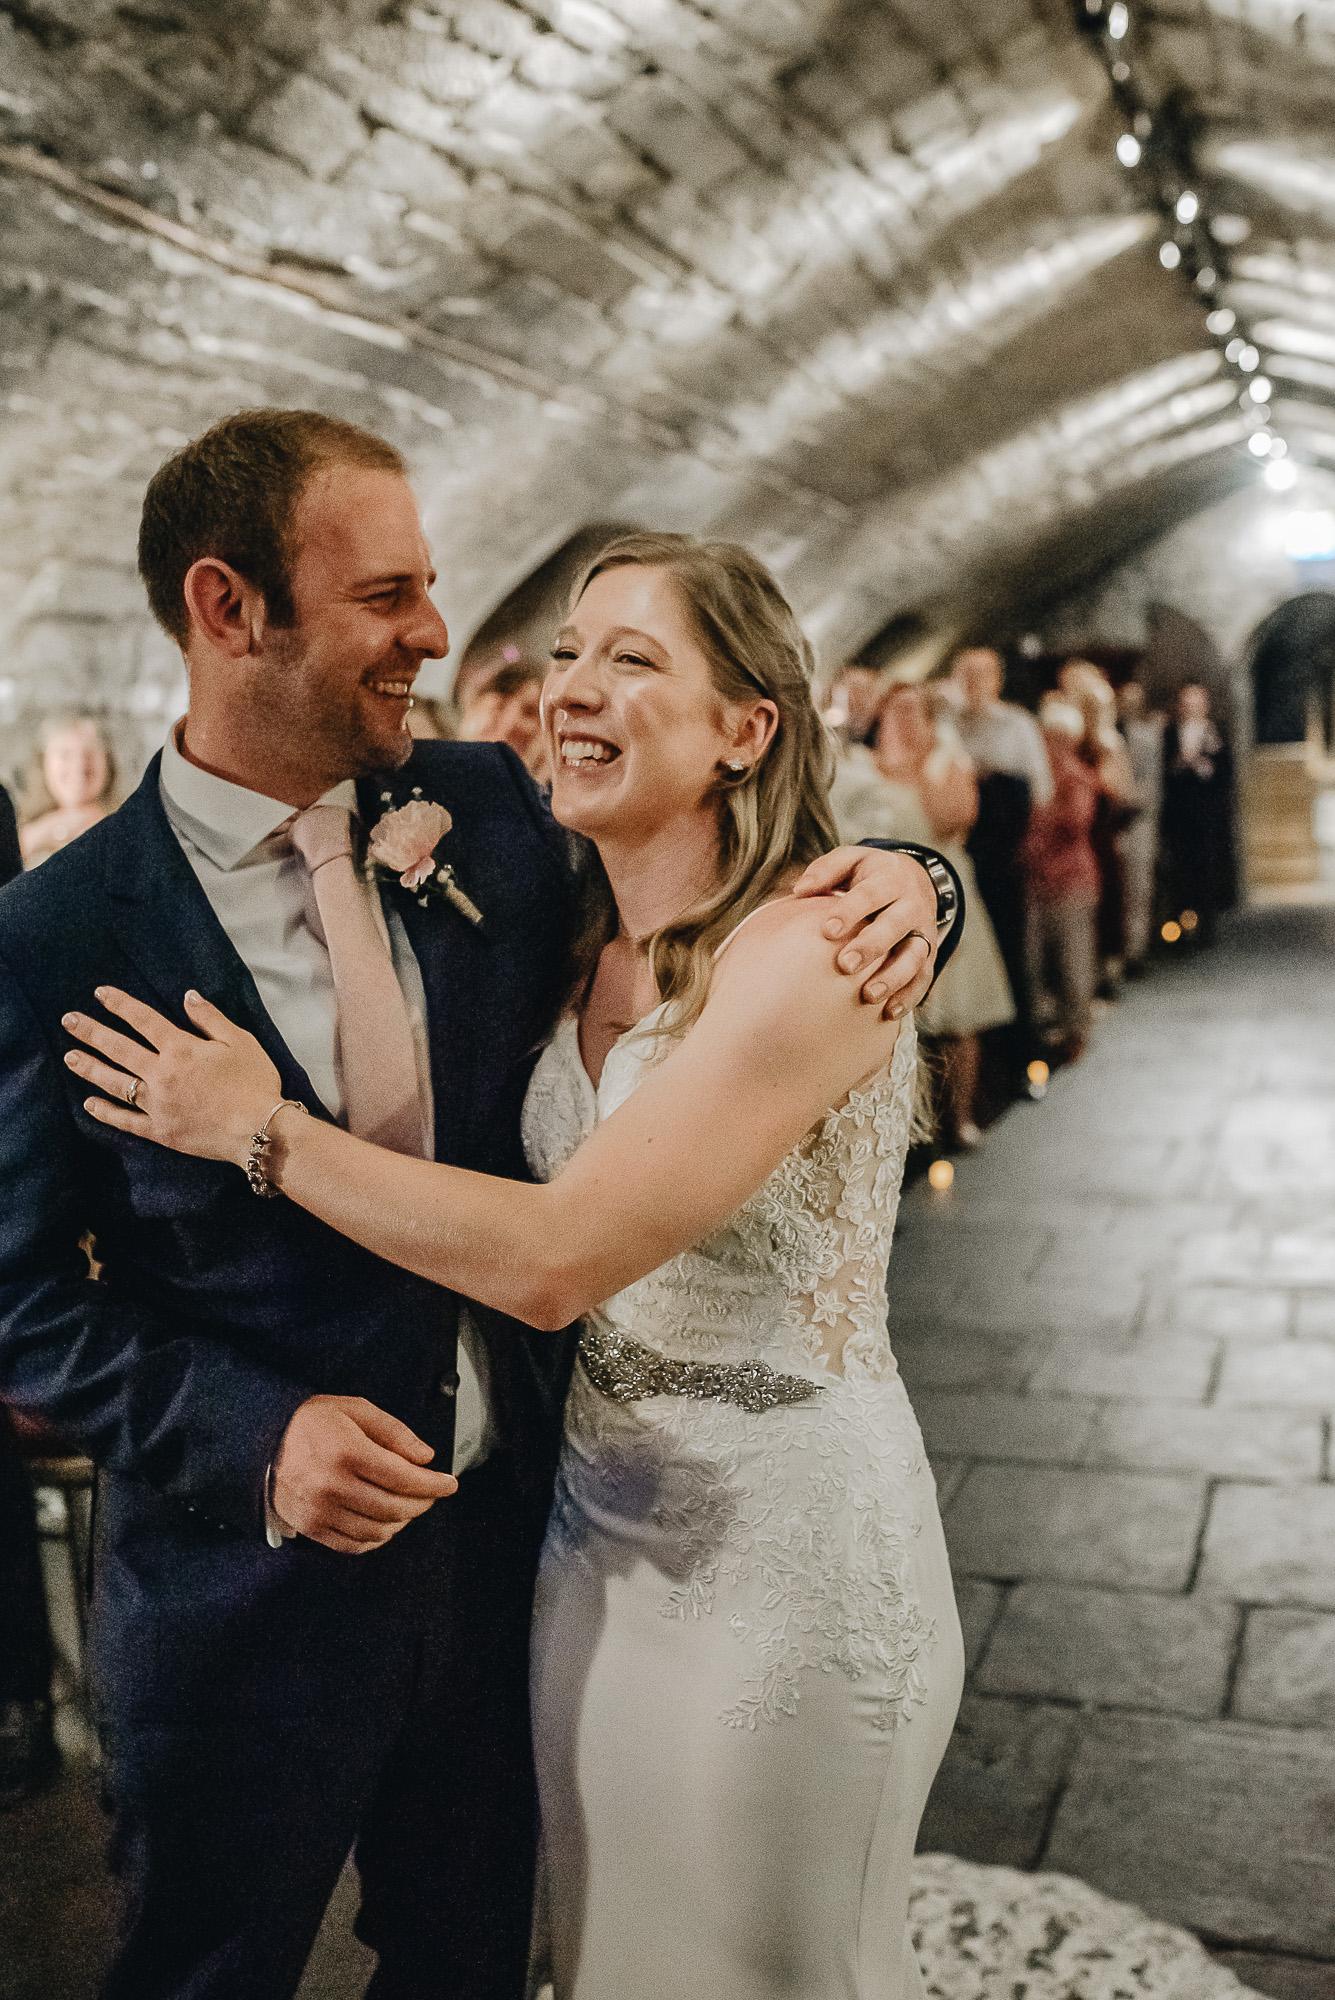 OurBeautifulAdventure-CardiffCastleWedding-Maddie&Joe-WeddingBlog-1543.jpg